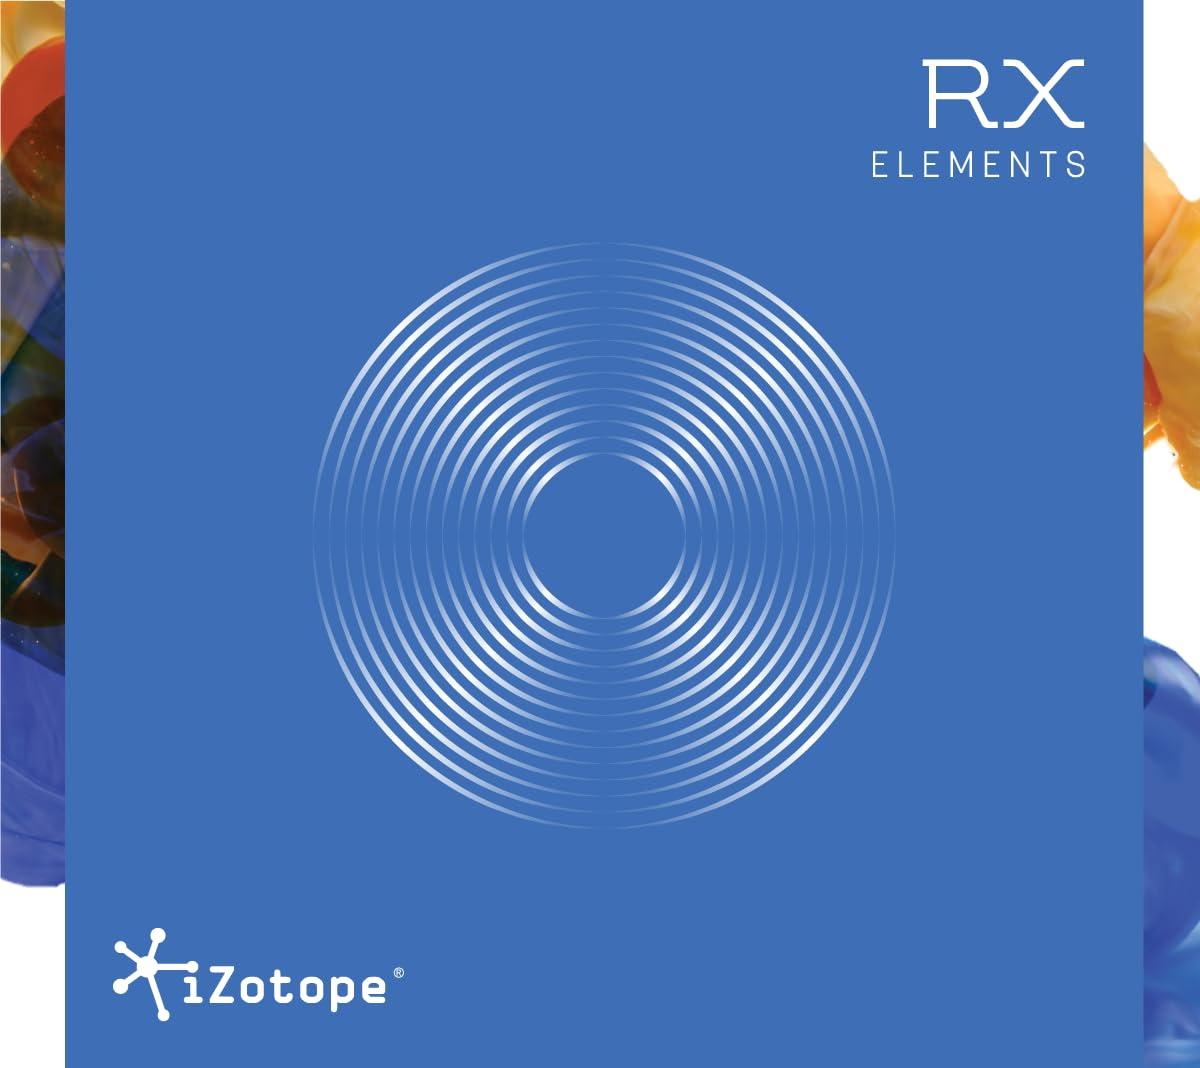 Izotope rx7